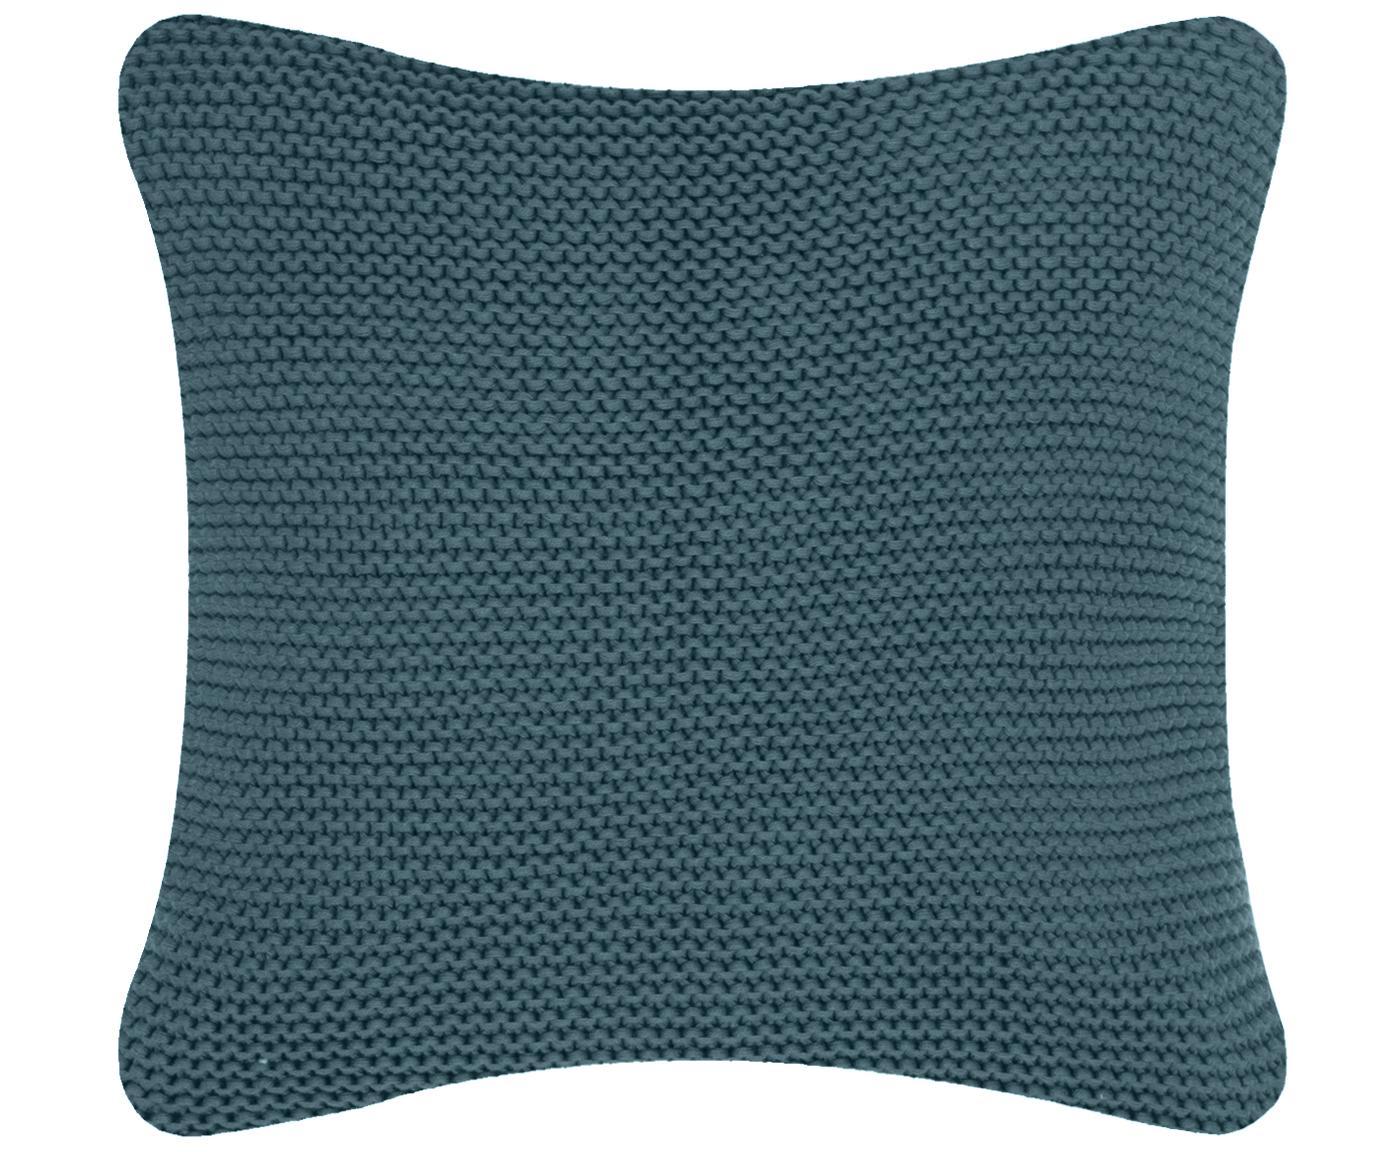 Poszewka na poduszkę z dzianiny Adalyn, 100% bawełna, Petrol, S 40 x D 40 cm